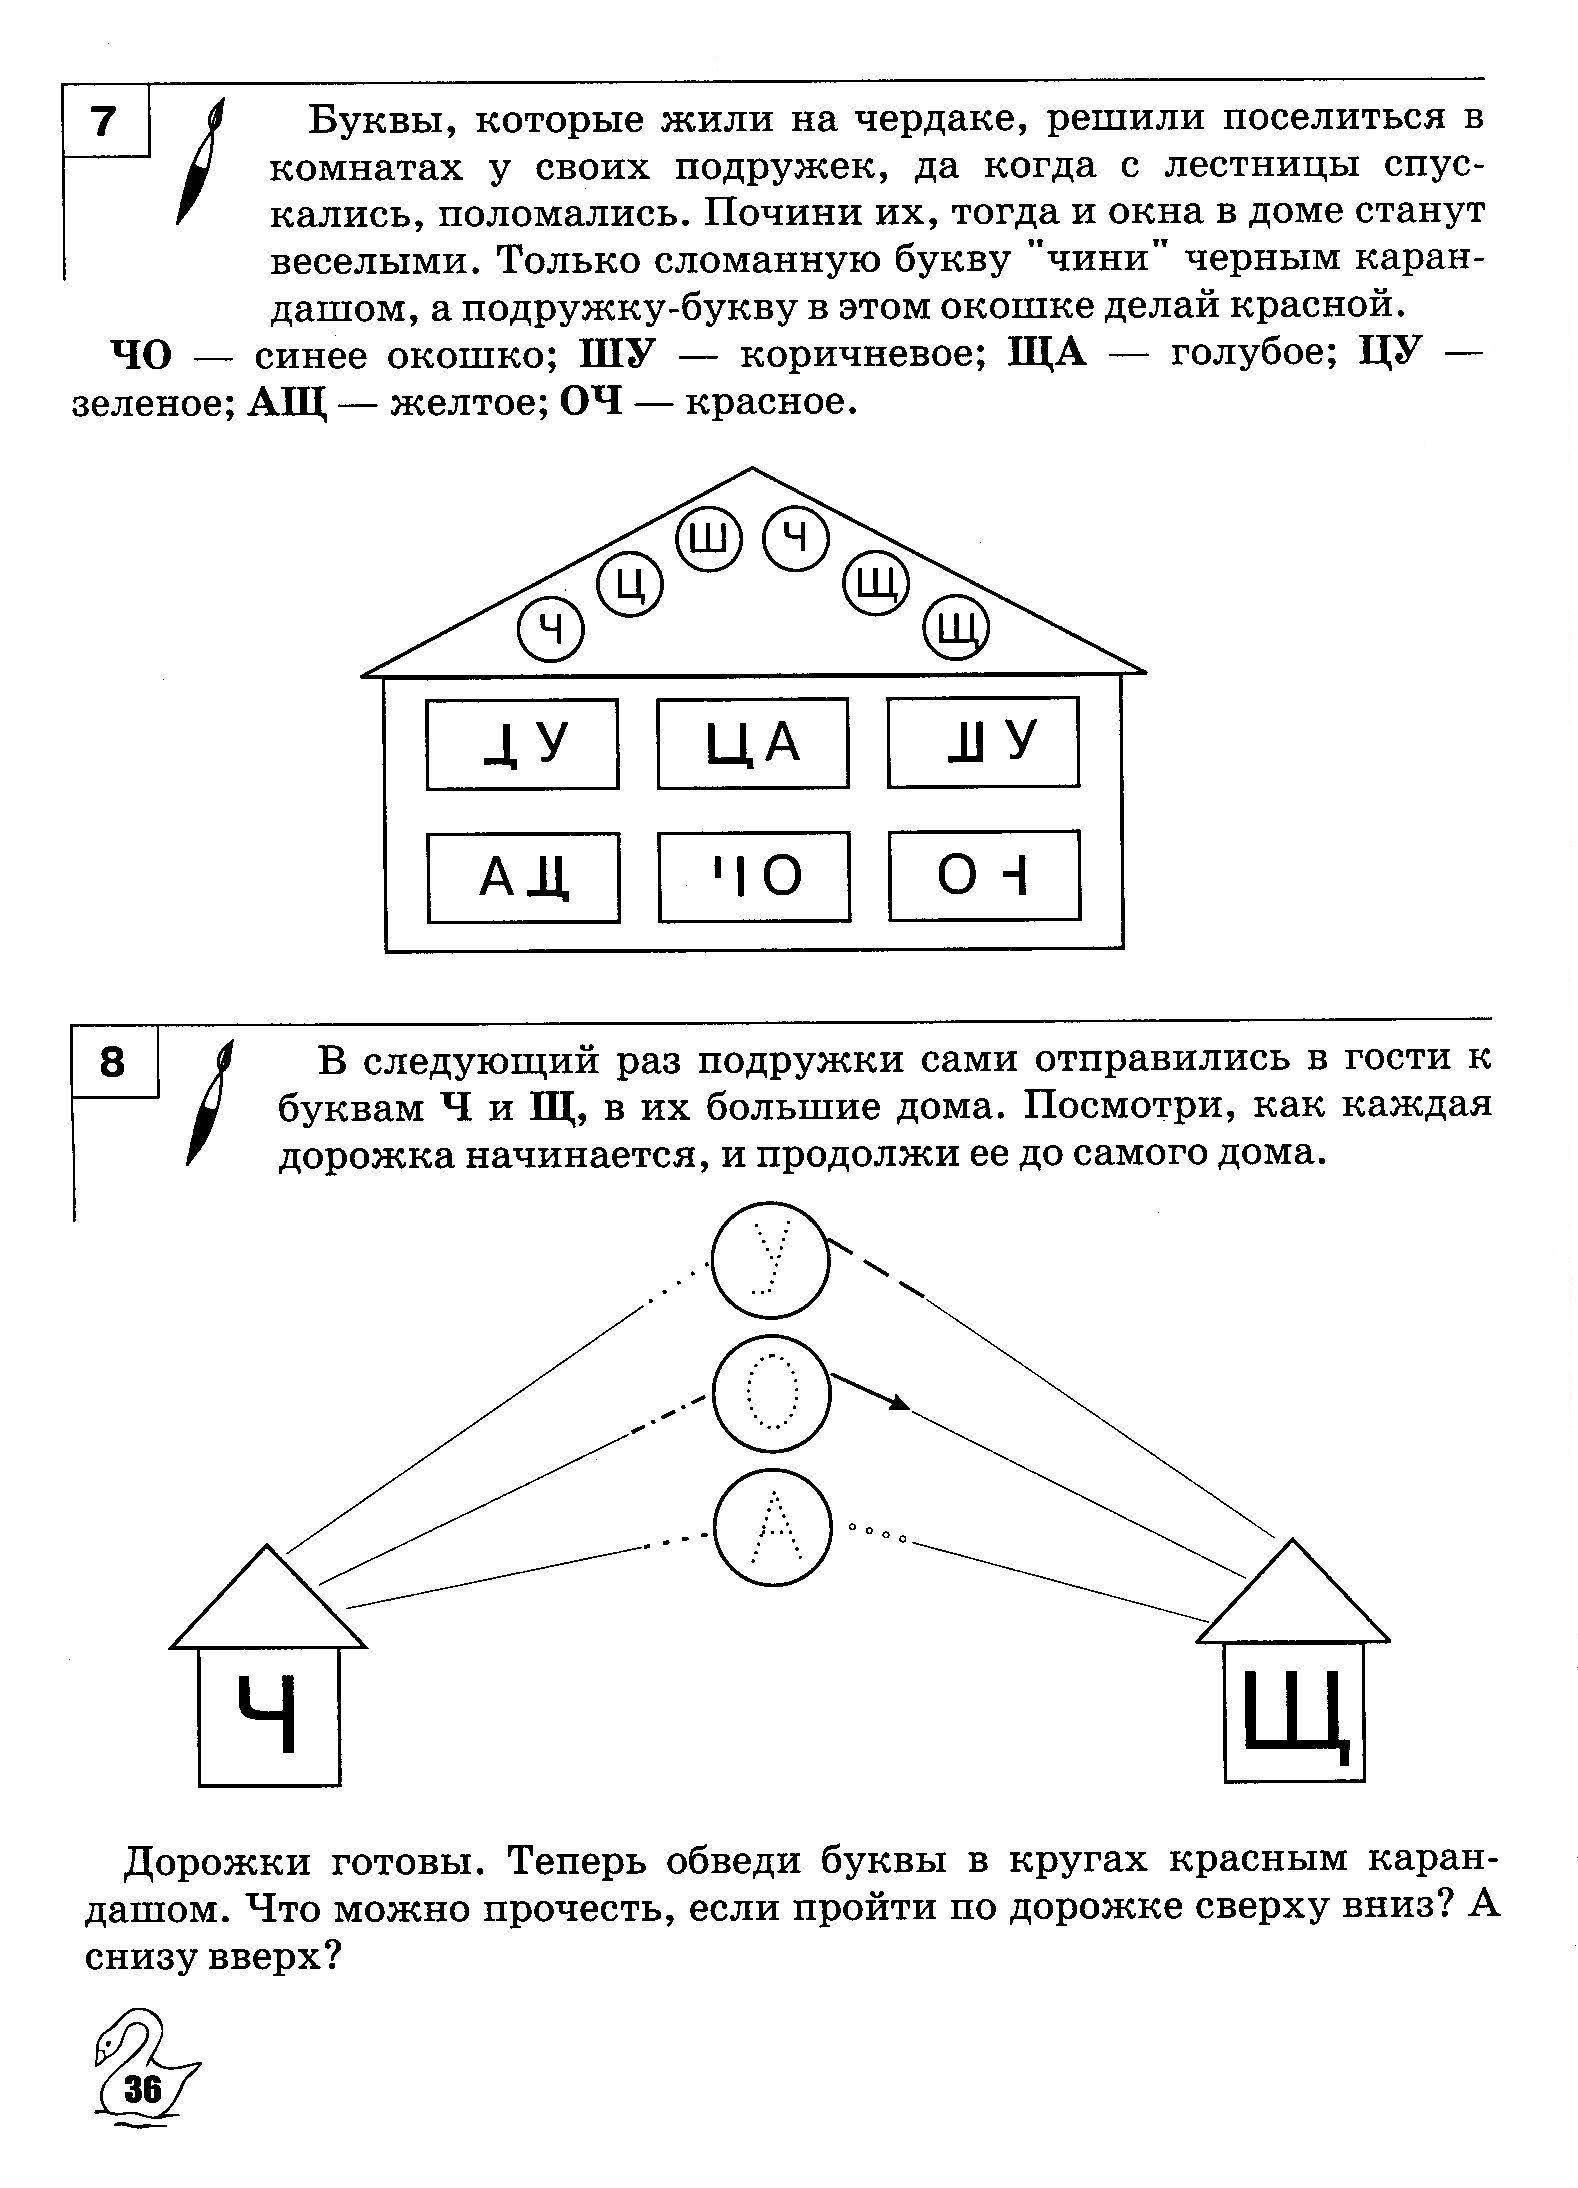 C:\Users\Михаил\Desktop\1 класс\всё к 1 классу\алфавит\звуки и буквы я учу\0038.jpg